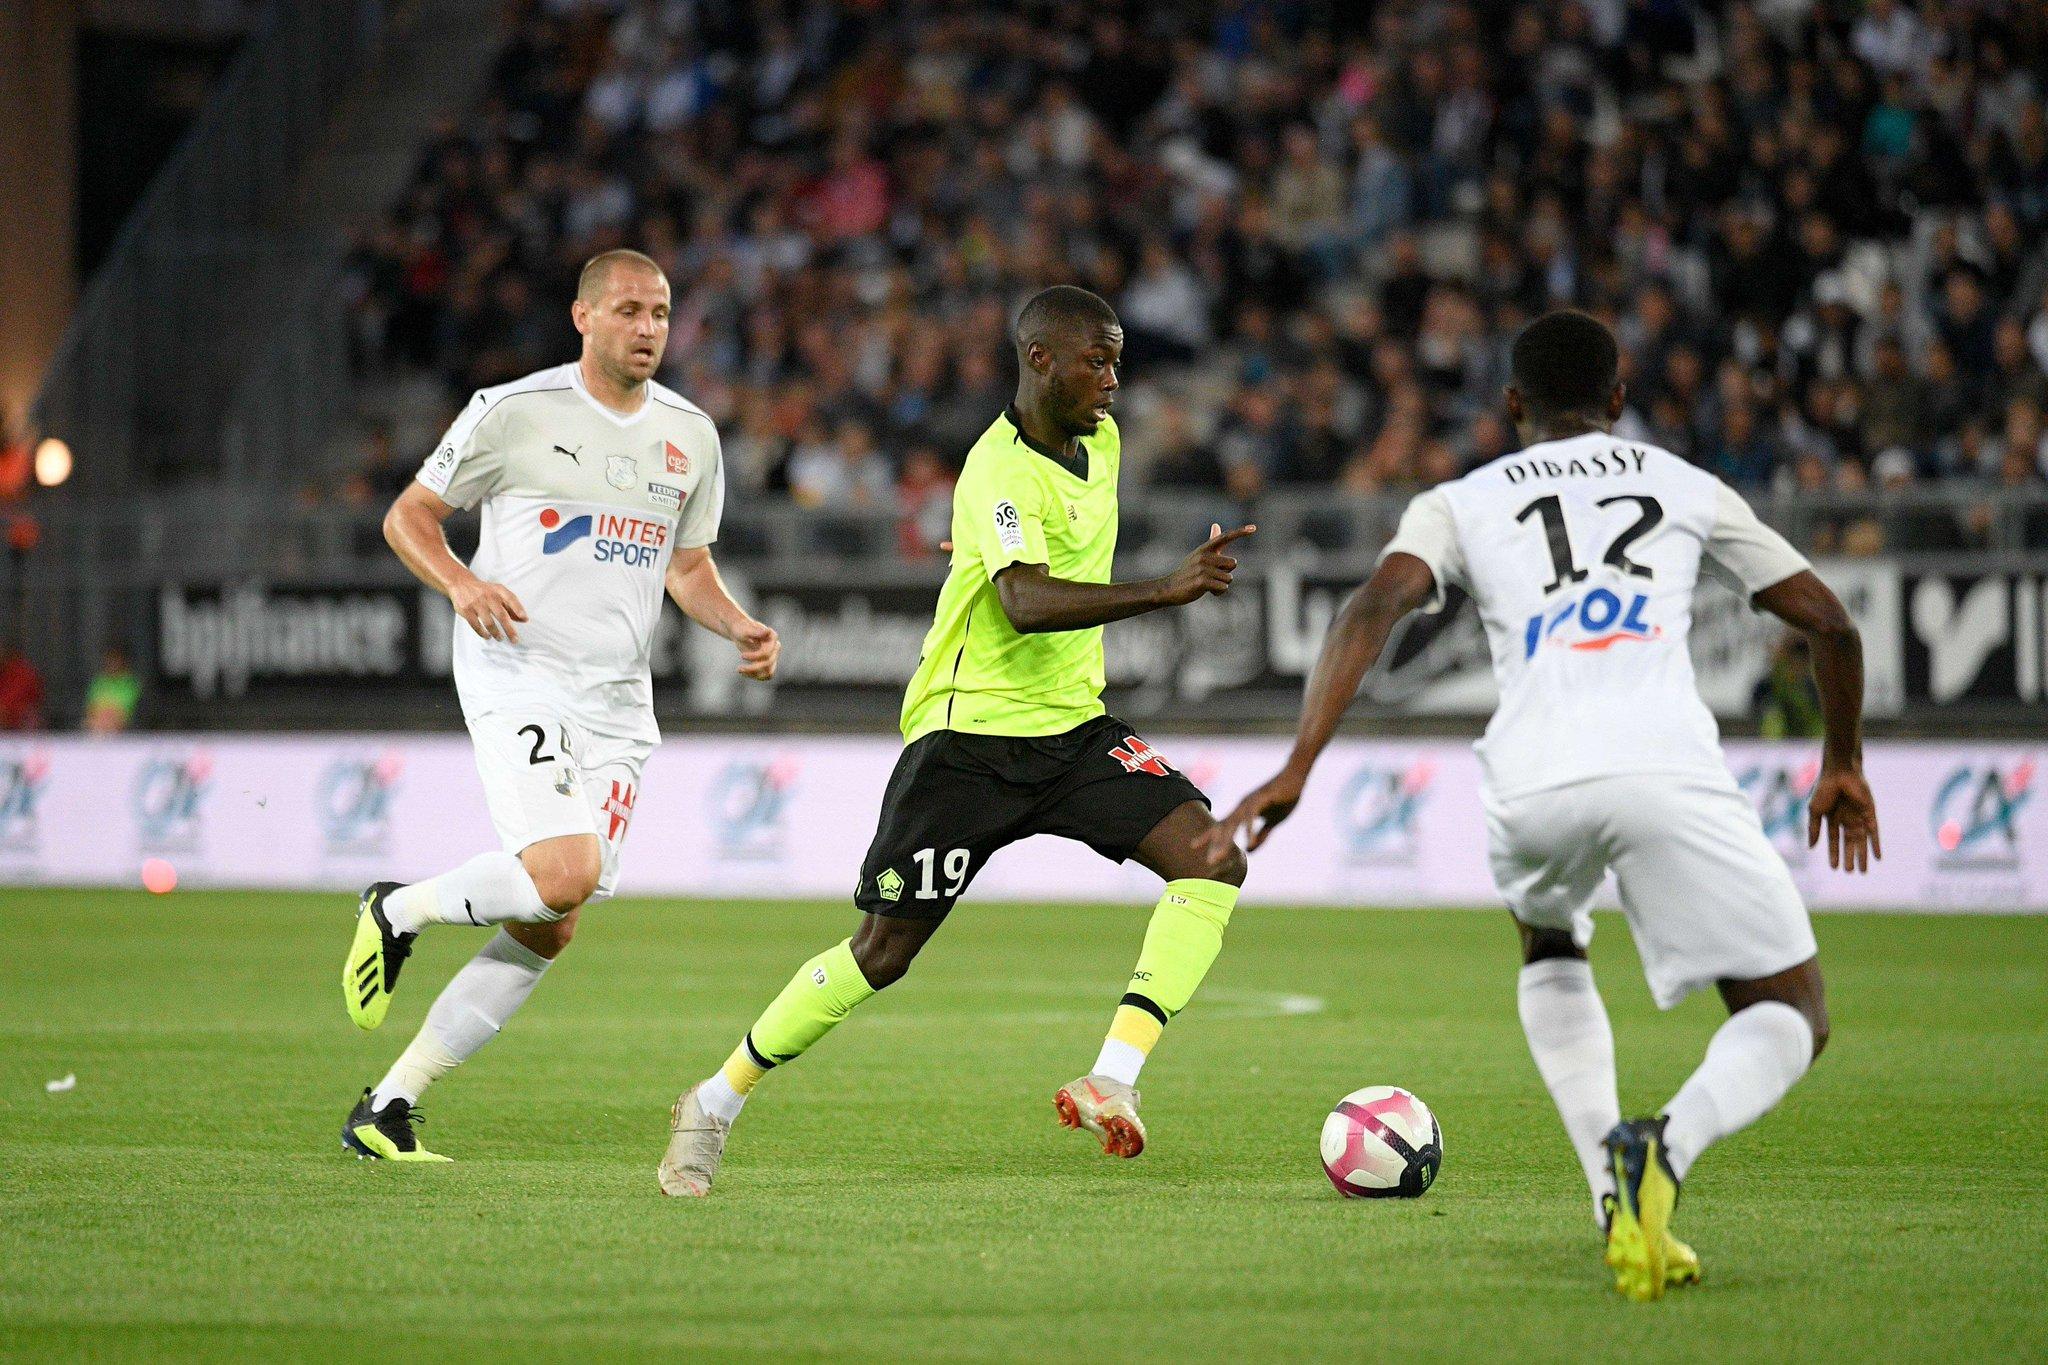 Championnat de France de football LIGUE 1 2018-2019-2020 - Page 3 DnKh9rEXsAI588M